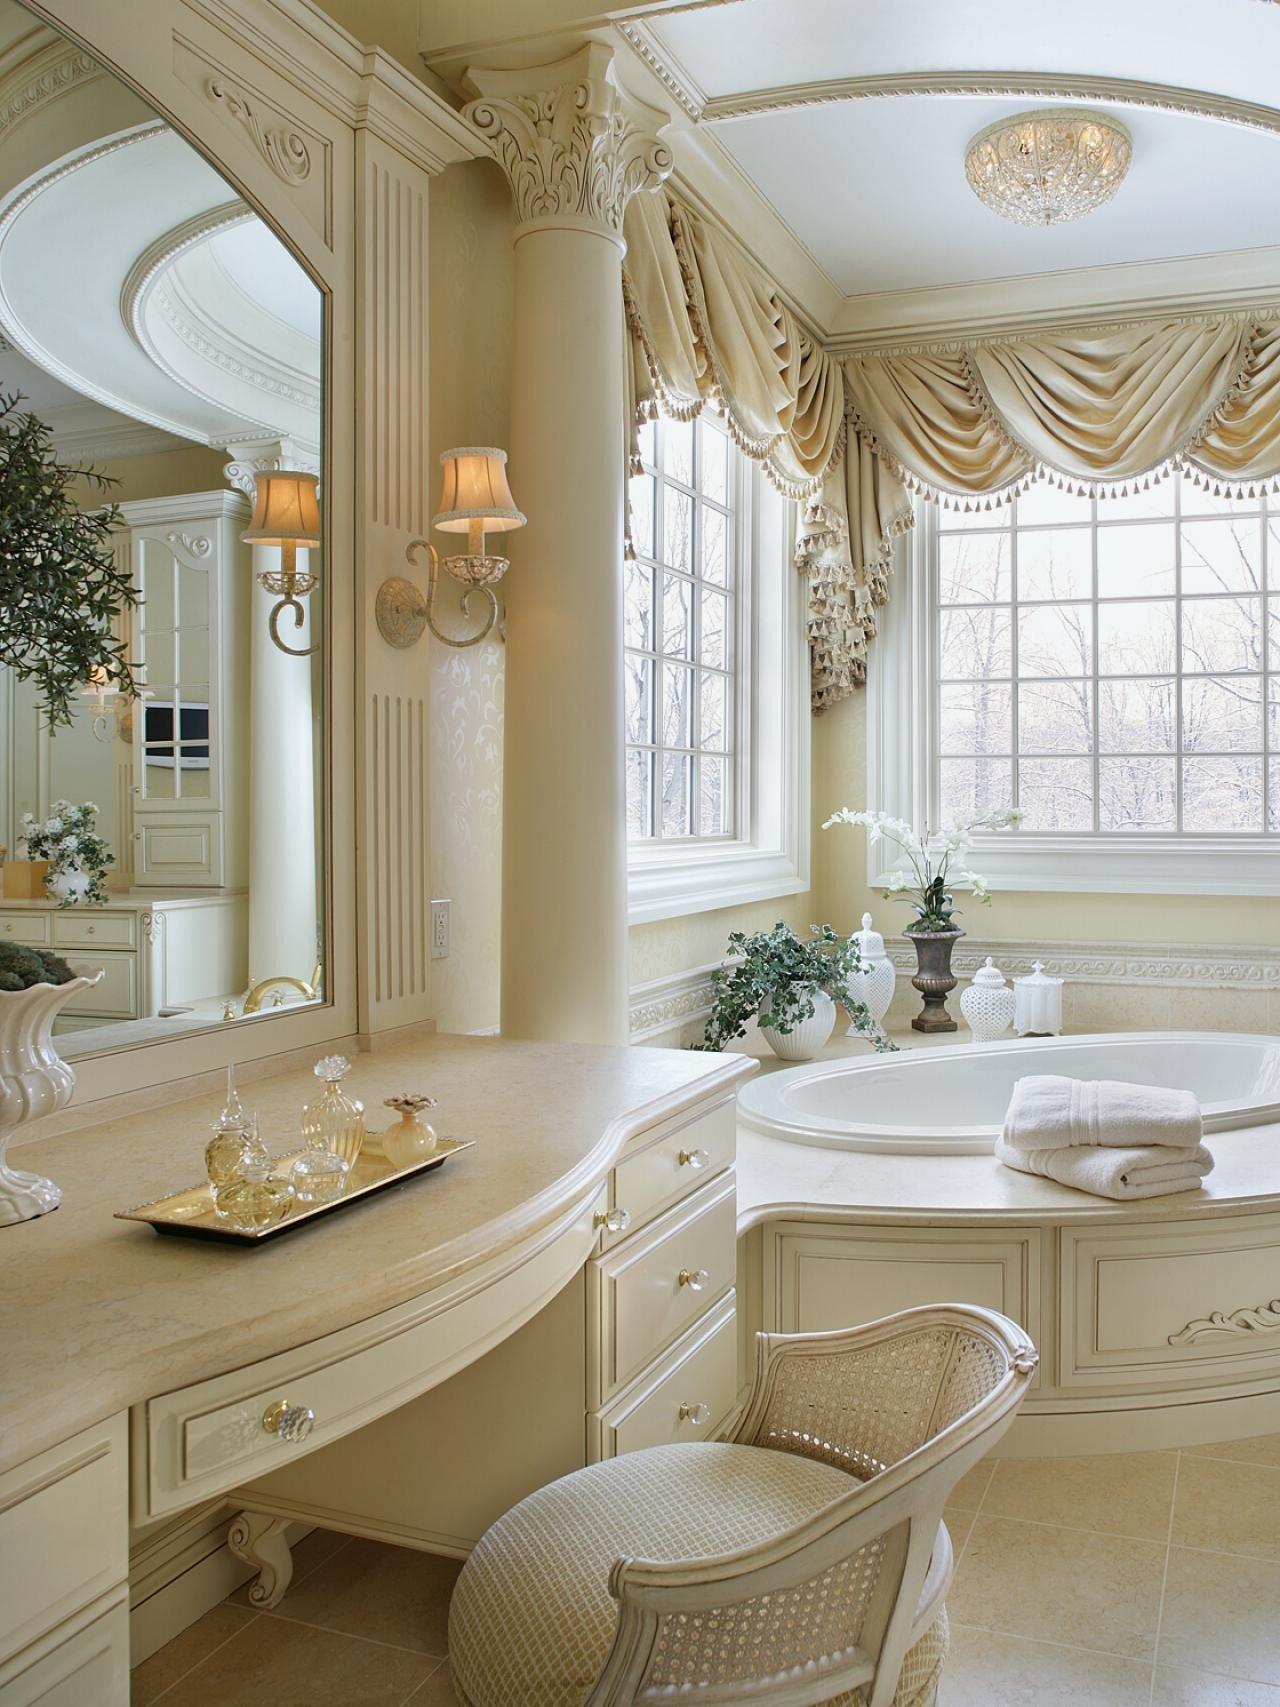 Дизайн ванной: 95 фото различных стилей оформления большой и маленькой ванной. актуальные идеи и модные тенденции этого года